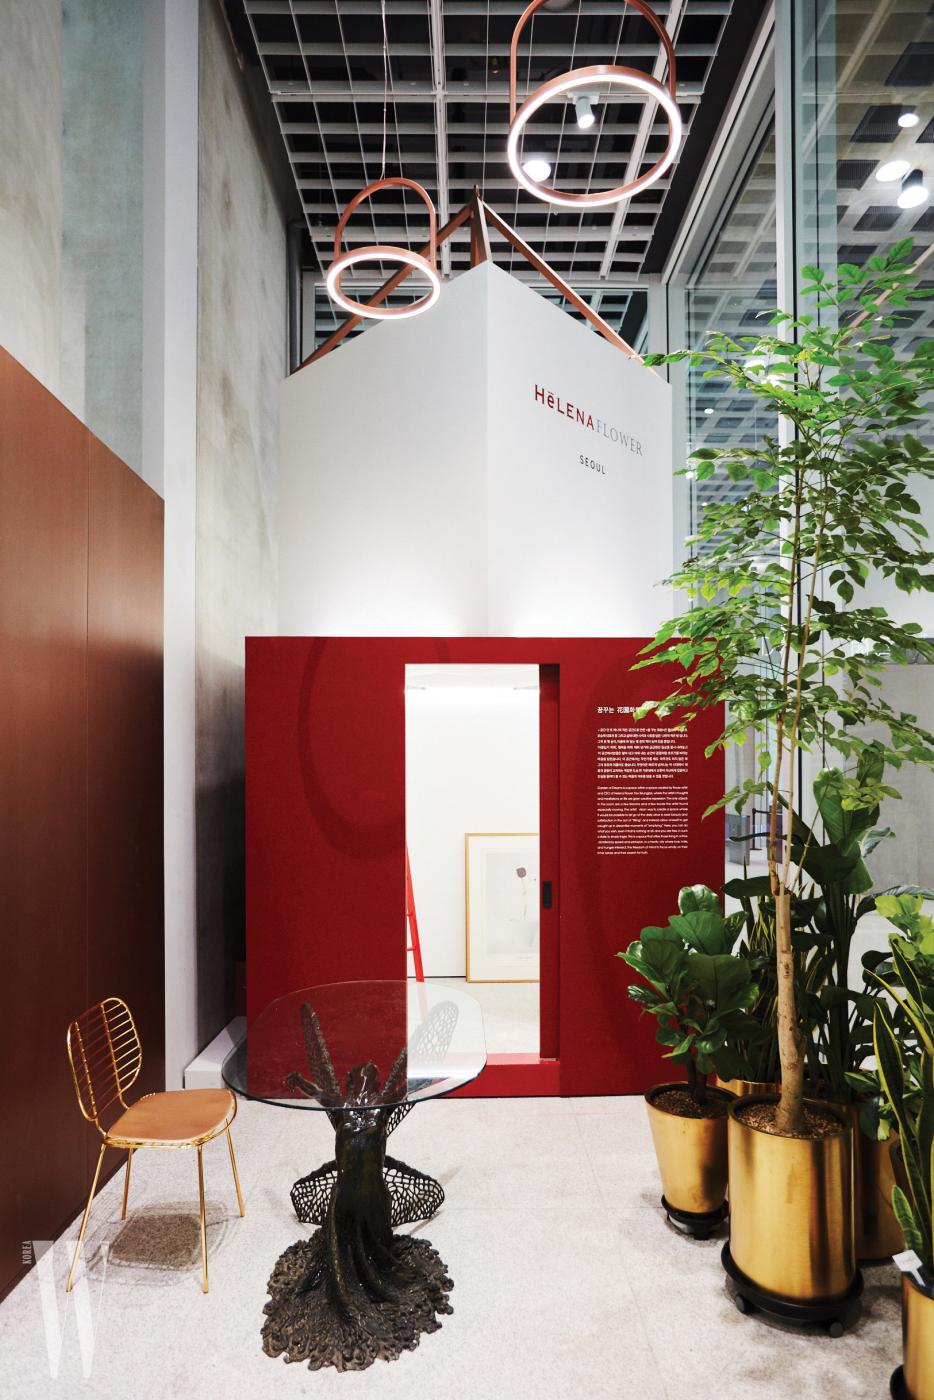 빨간 사다리를 타고 올라가서 예술, 인문학 서적을 탐독할 수 있는 레드 룸.